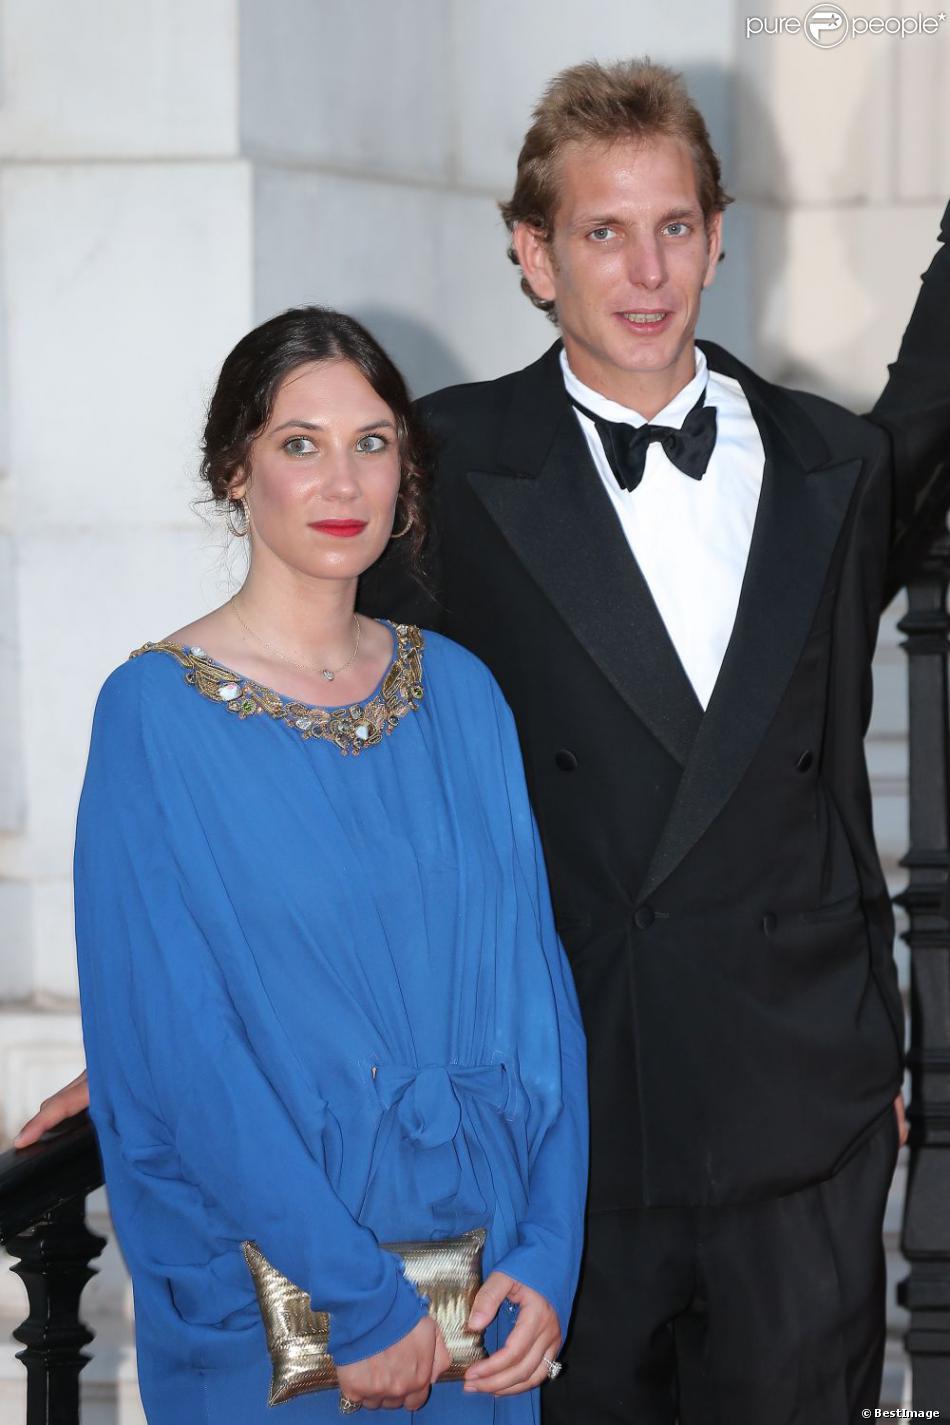 Andrea Casiraghi et Tatiana Santo Domingo au Love Ball organisé par Natalia Vodianova le 27 juillet 2013 à l'Opéra Garnier de Monaco. Le couple doit célébrer son mariage à l'été 2013 - le 31 août.